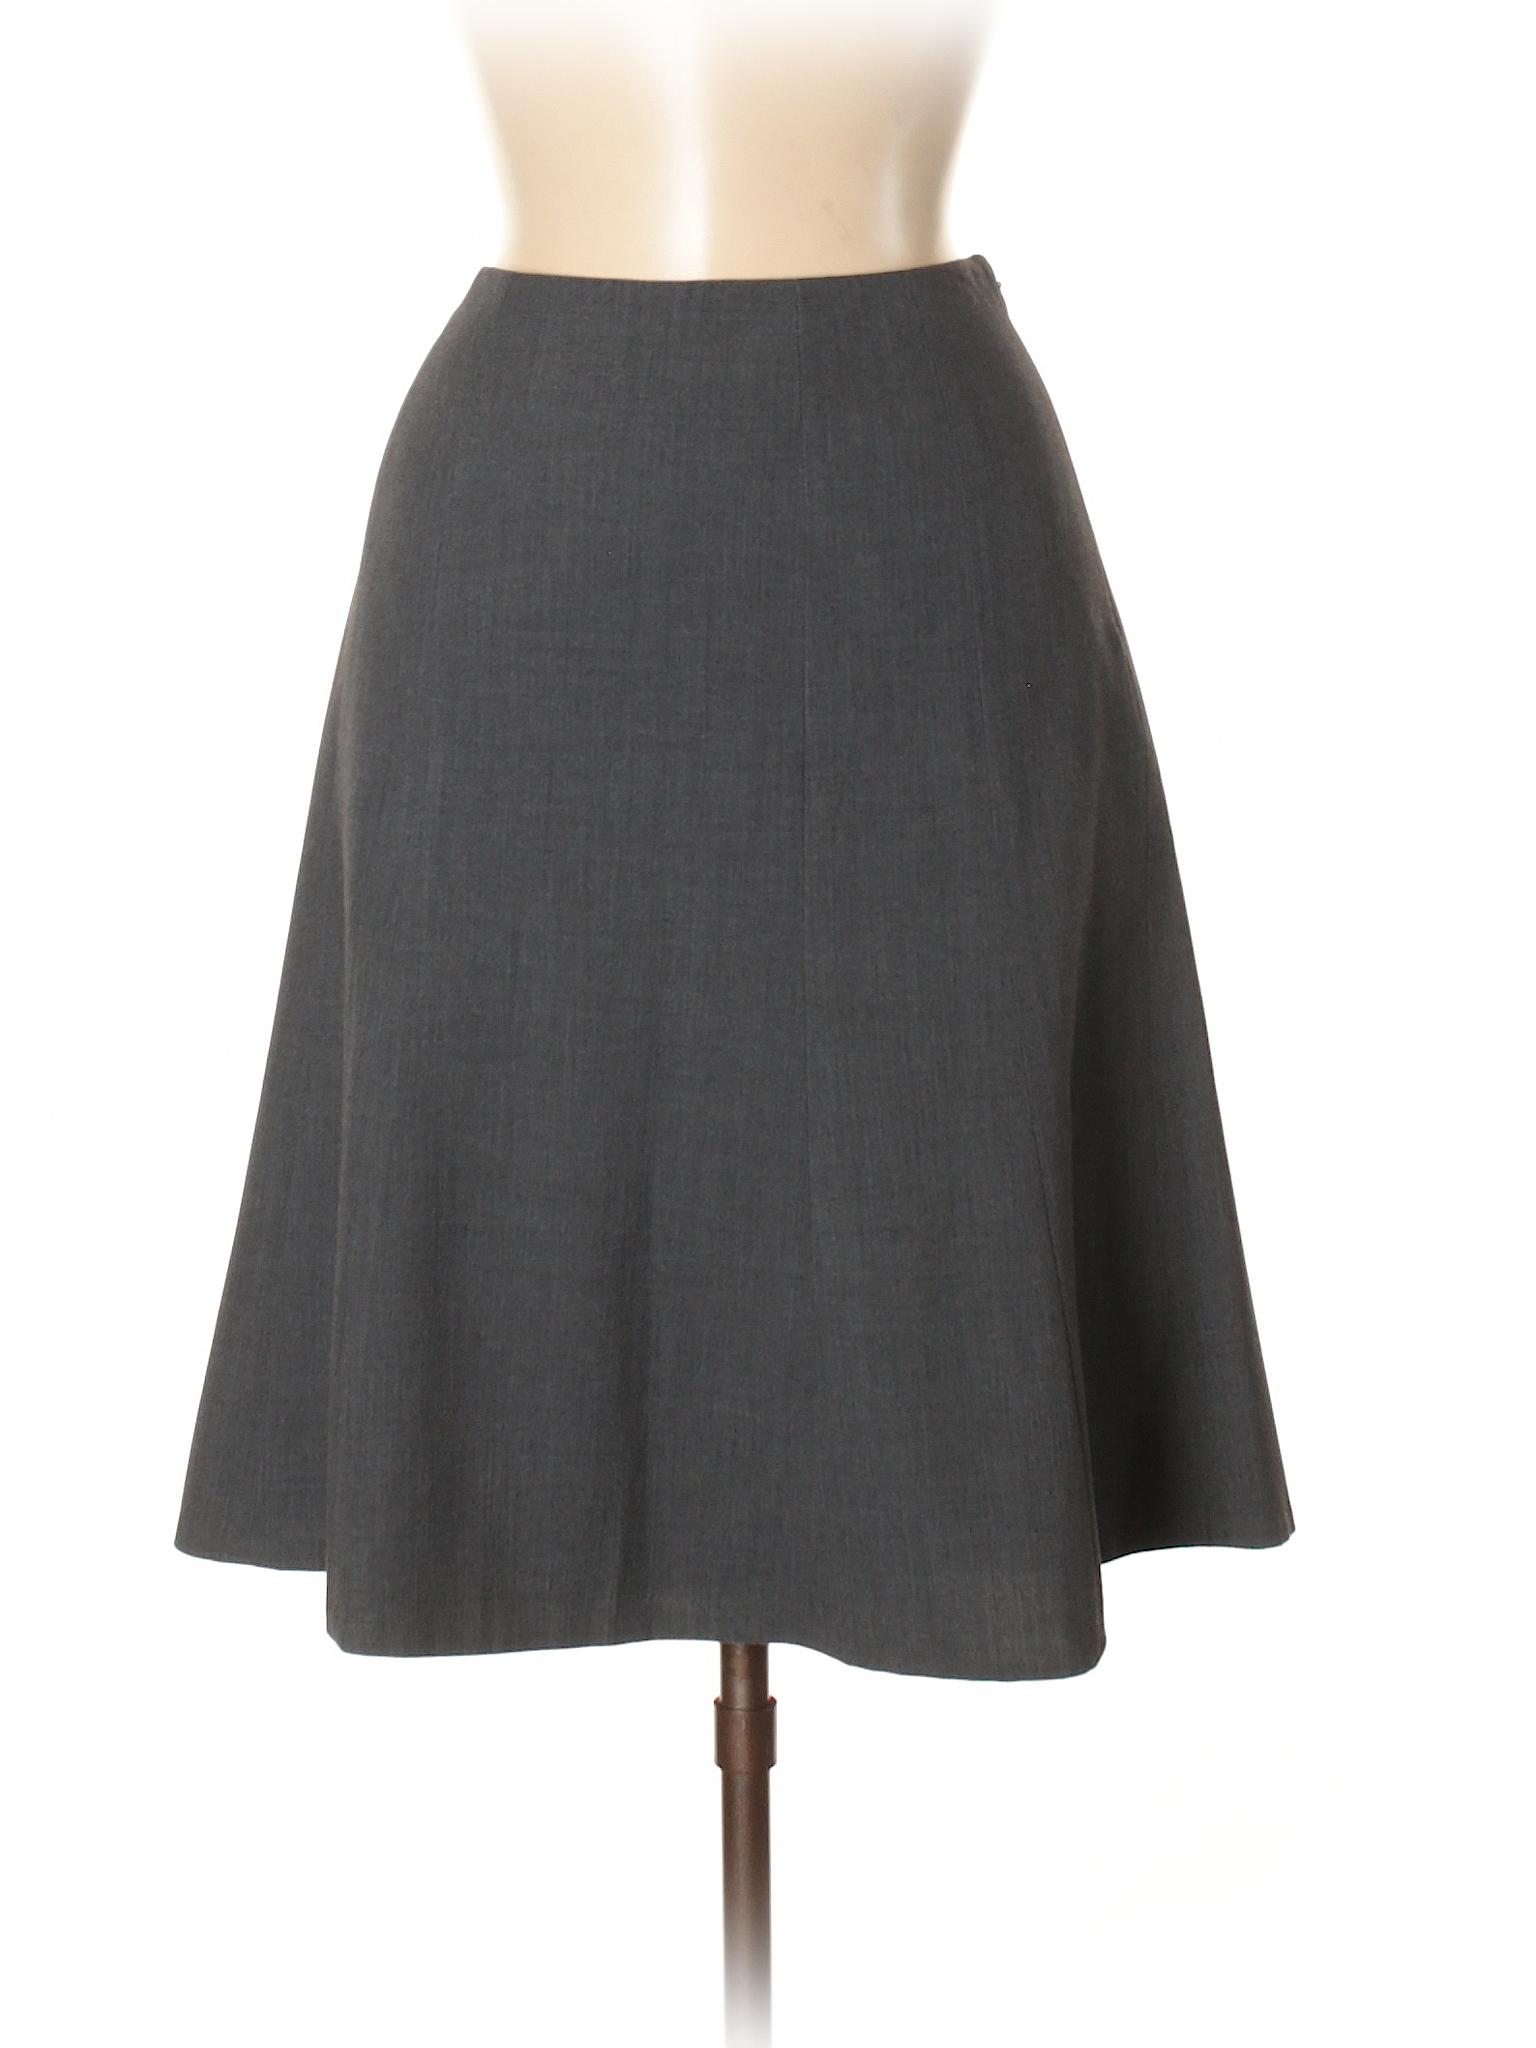 Klein Casual Skirt Calvin Leisure winter 8wqtxgE